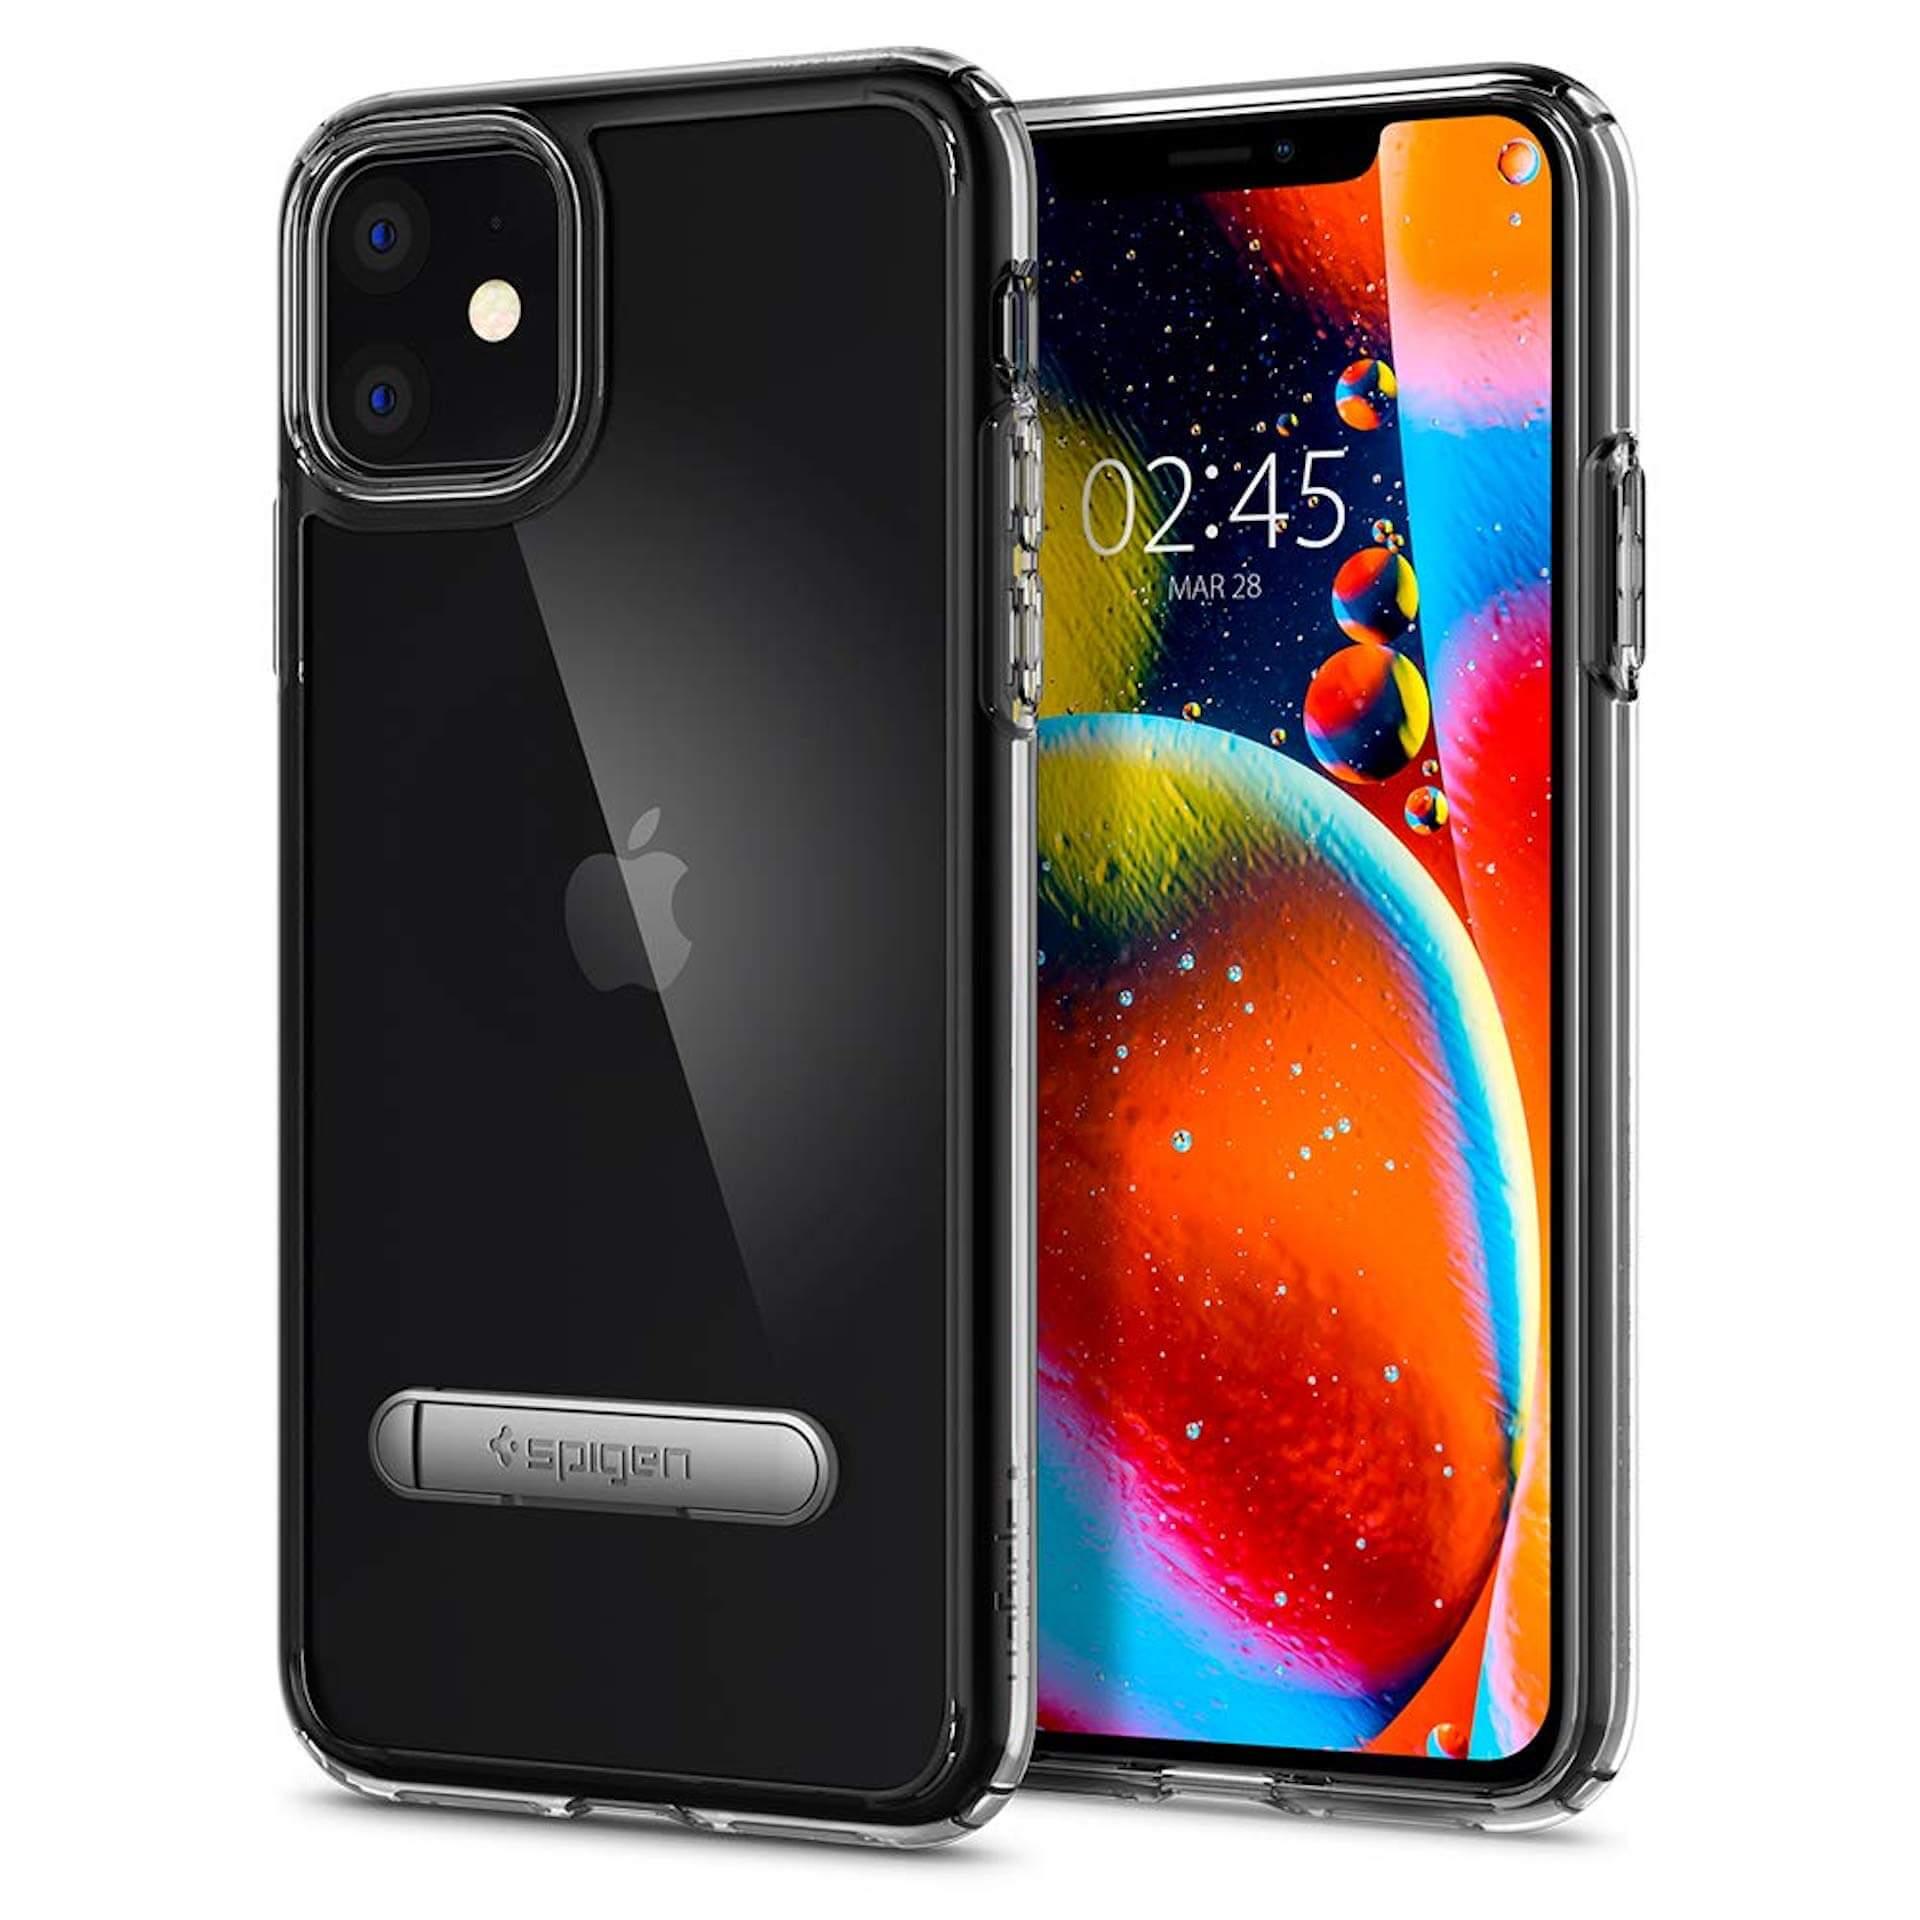 新型iPhone、やっぱりトリプルカメラ!?SpigenよりiPhone 11用ケースが発売開始 tech190906spigen-case_6